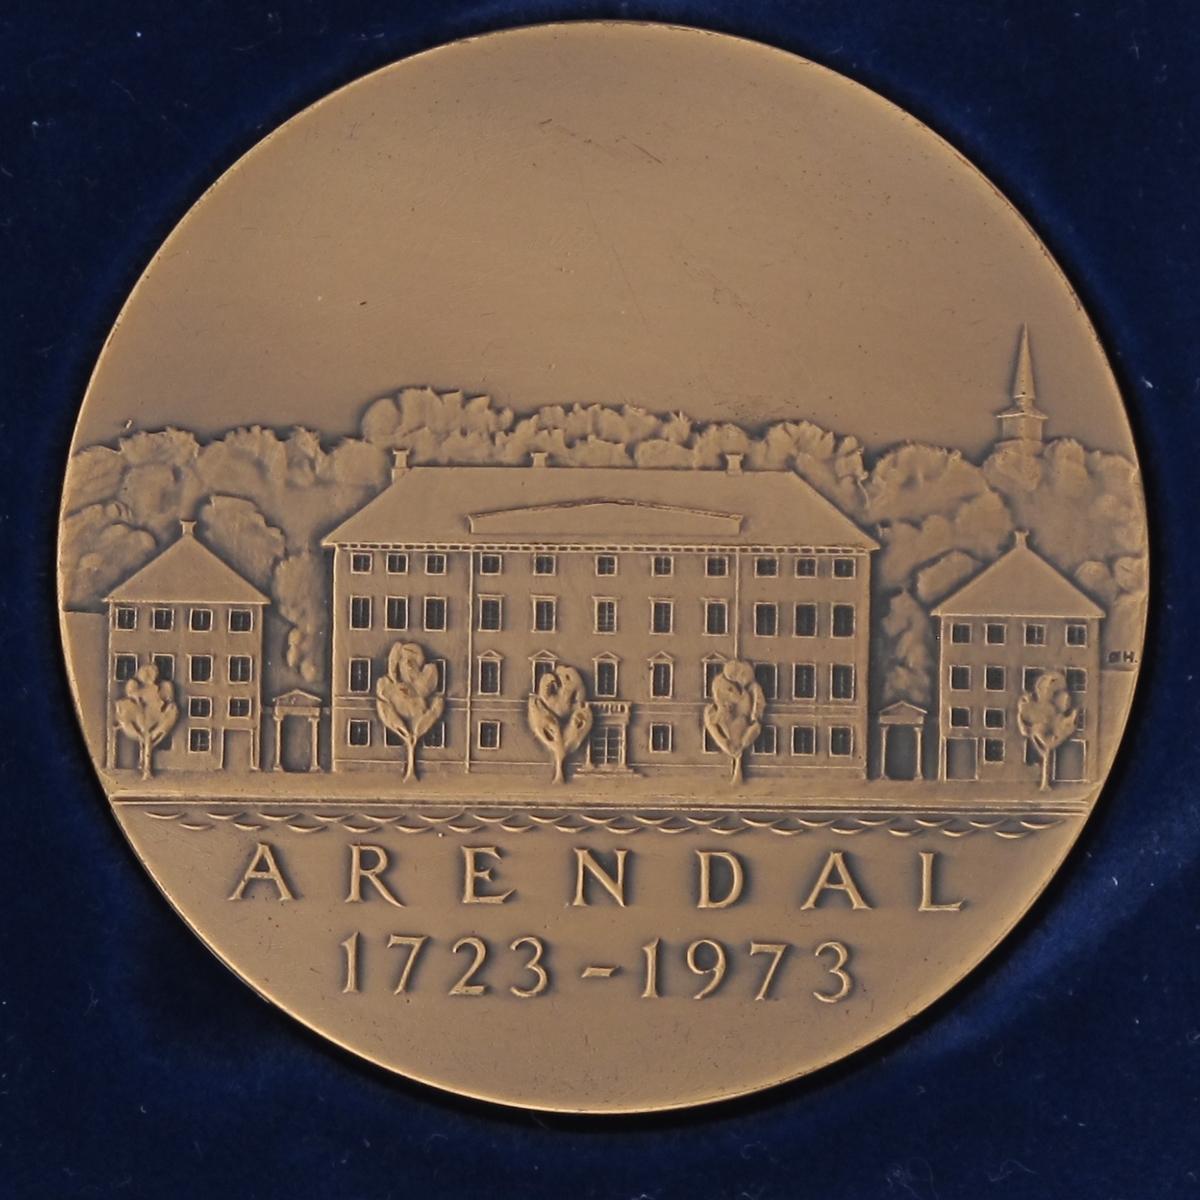 Adv. Arendals byvåpen, tremastet skute. Rev. Arendals rådhus med tekst.